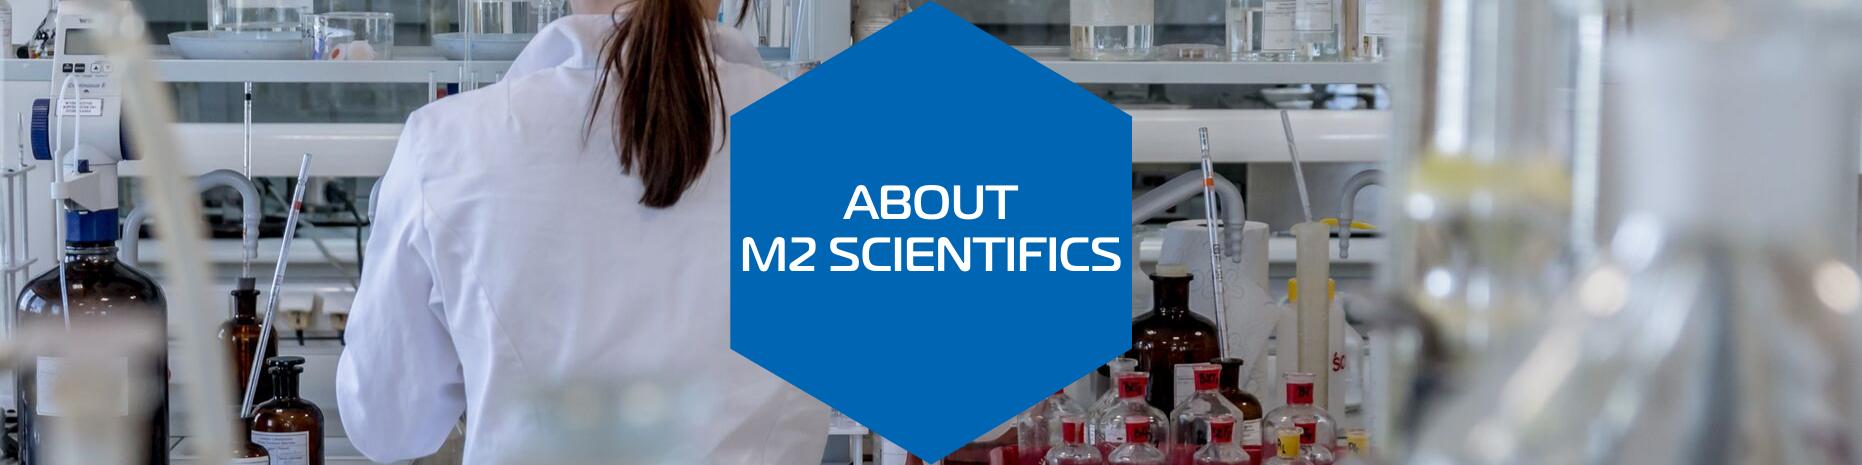 About M2 Scientifics